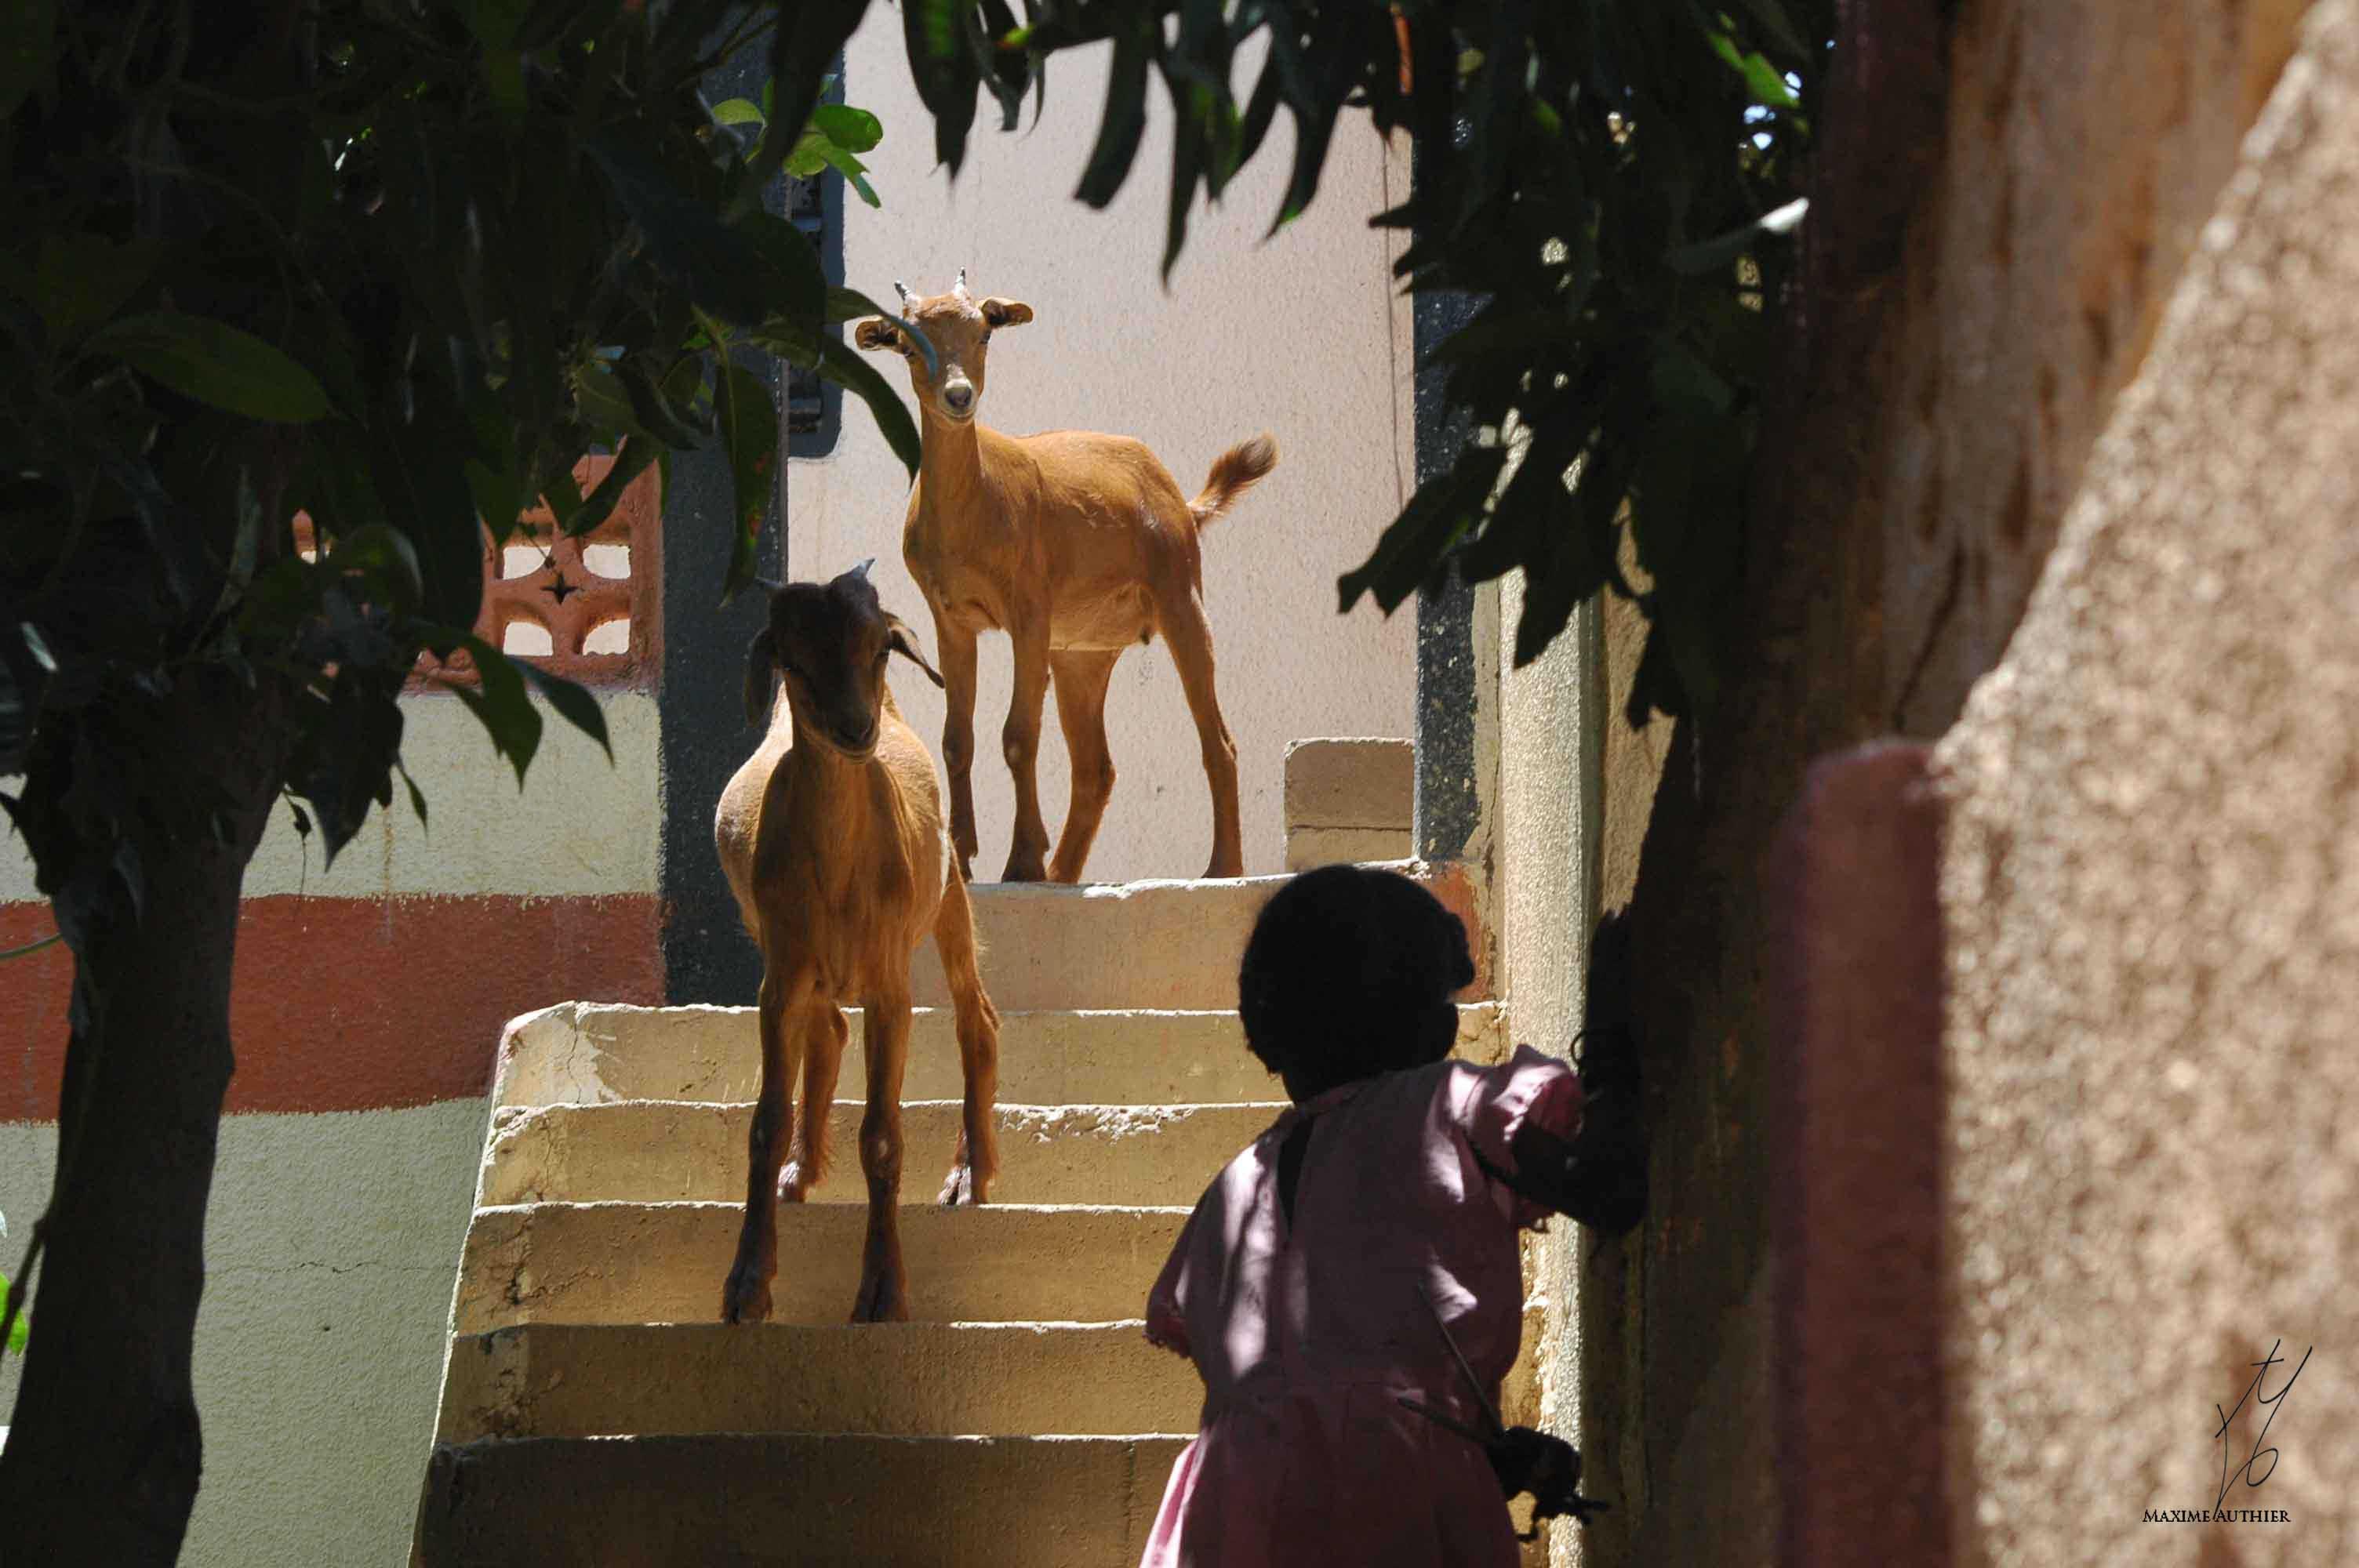 Les chèvres dans les rues d'un village africain